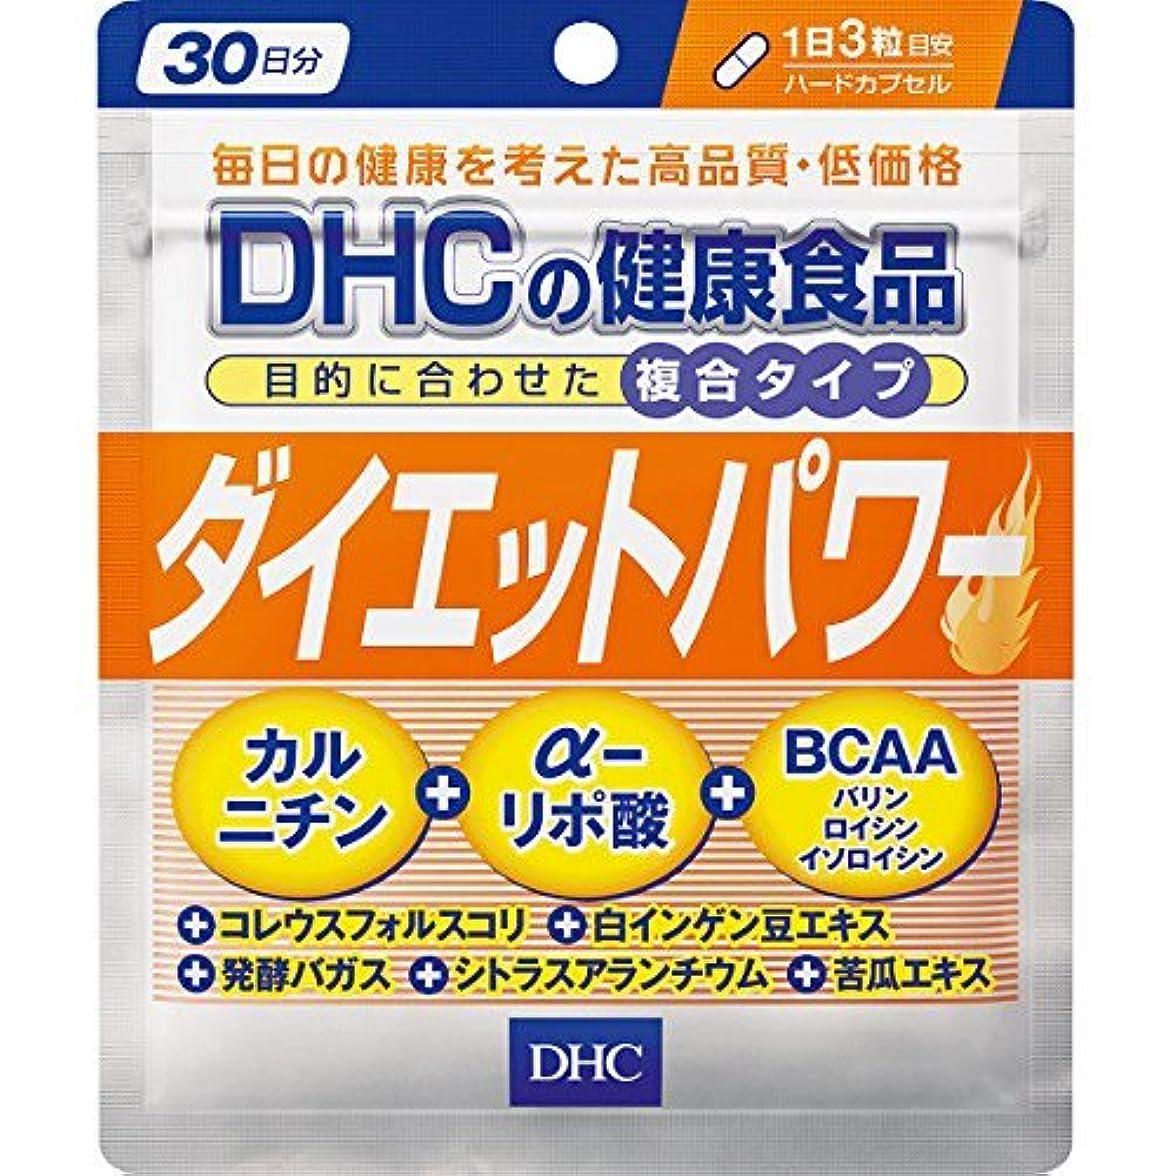 しなやかな然とした発信DHC ダイエットパワー 30日分